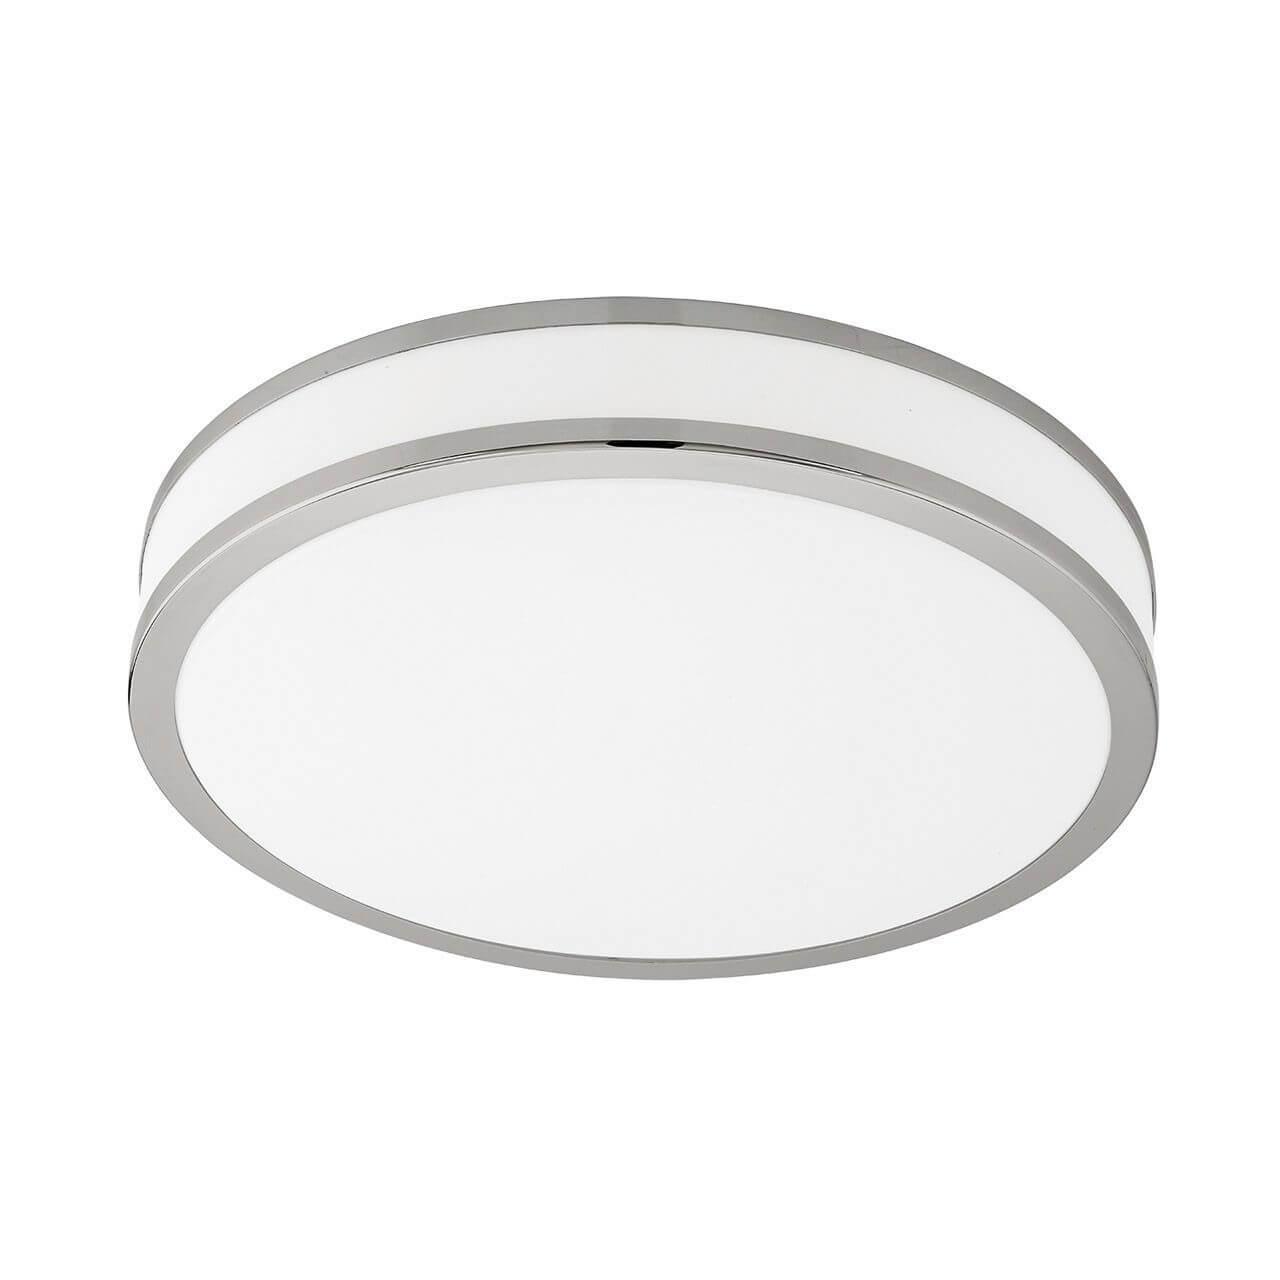 цены на Накладной светильник Eglo 95685, LED, 22 Вт  в интернет-магазинах